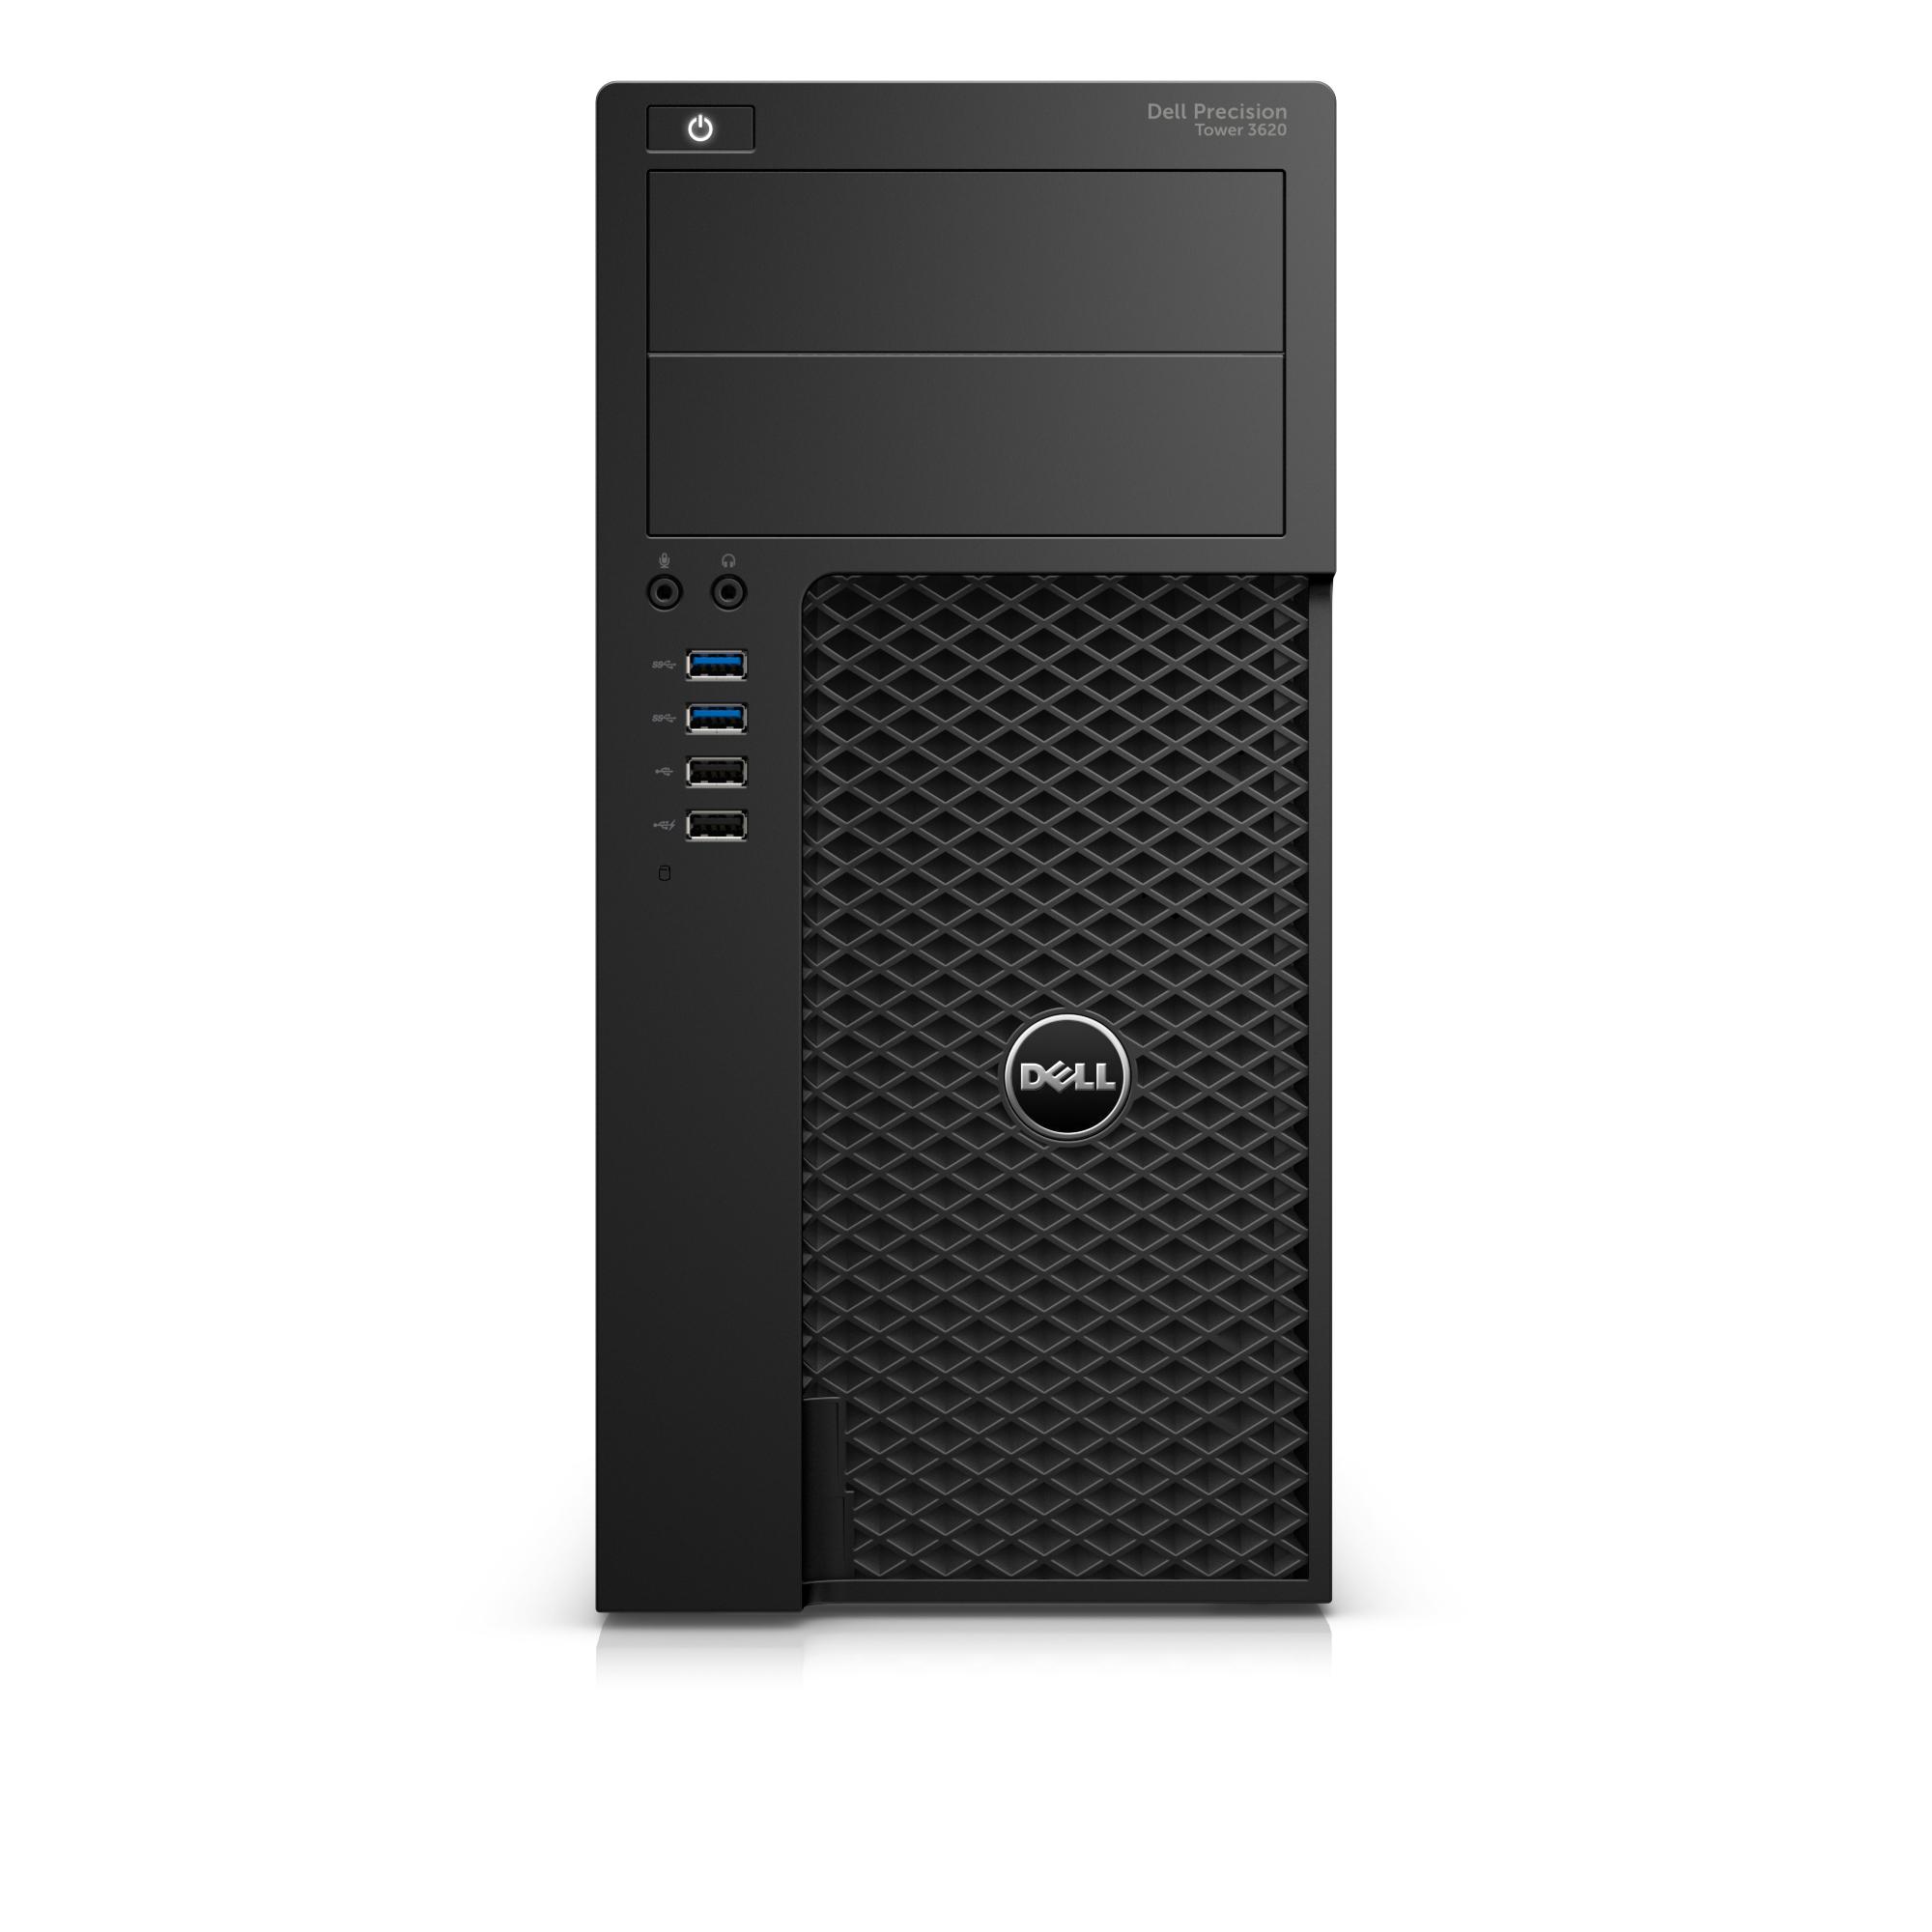 DELL Precision T3620 3.2GHz i5-6500 Mini Tower Black Workstation